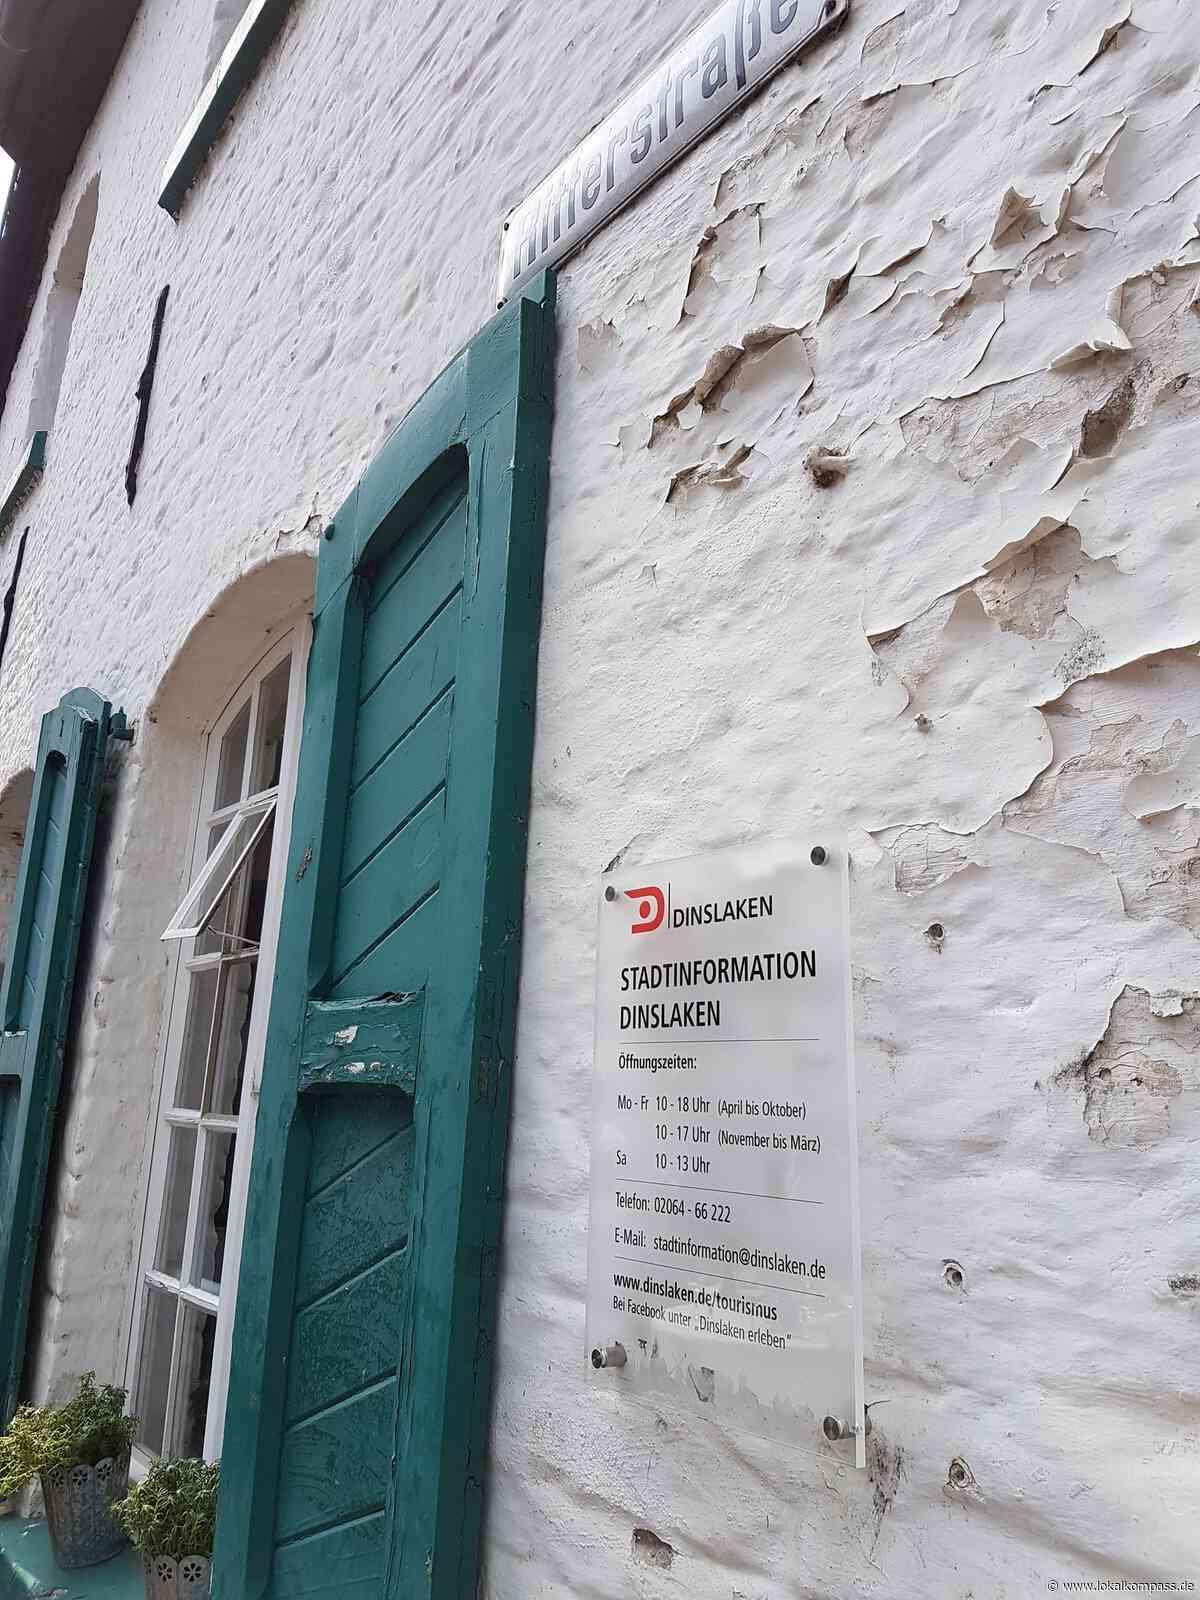 Fassadenarbeiten sind abgeschlossen: Stadtinfo ist wieder am Rittertor - Dinslaken - Lokalkompass.de